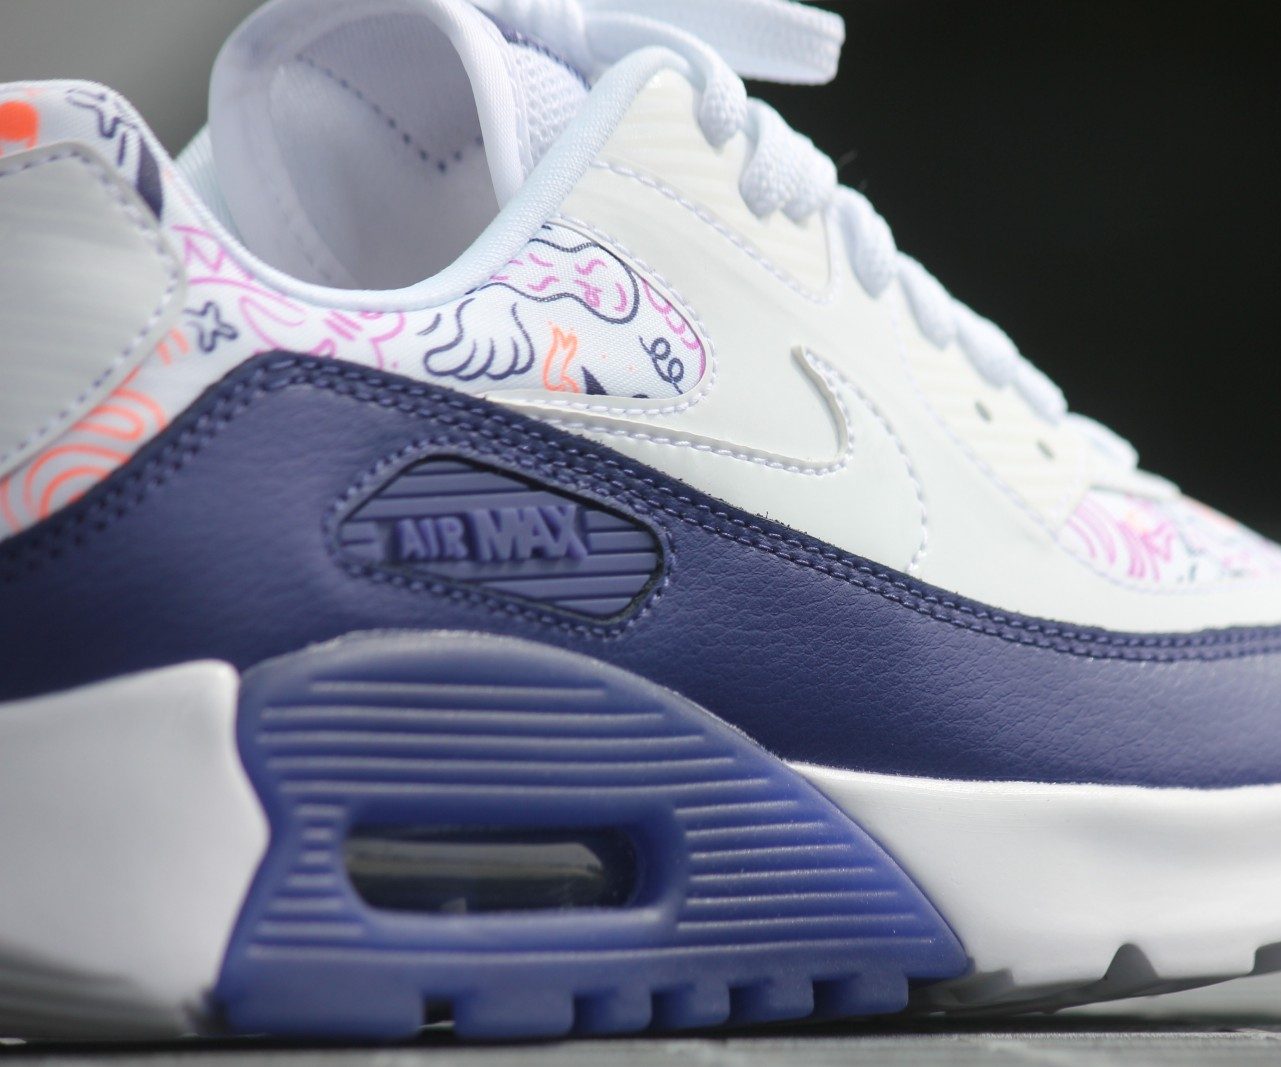 Chaussure Nike Wmns Air Max 90 Ultra Print 'White Dark Purple' (5)